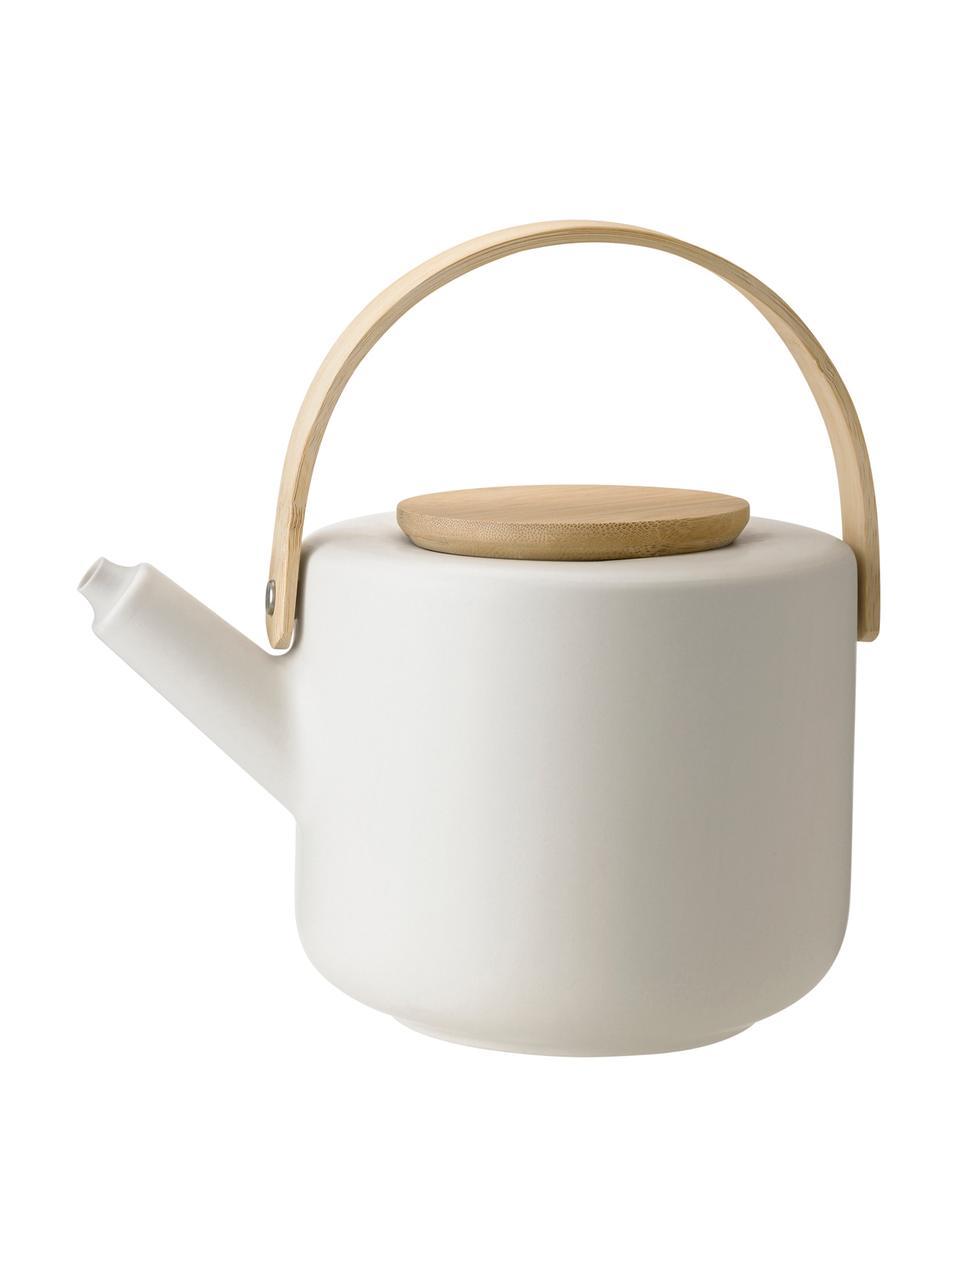 Steingut Teekanne Theo in Weiß matt, 1.25 L, Kanne: Steingut, Gebrochenes Weiß, Bambus, 1.25 L